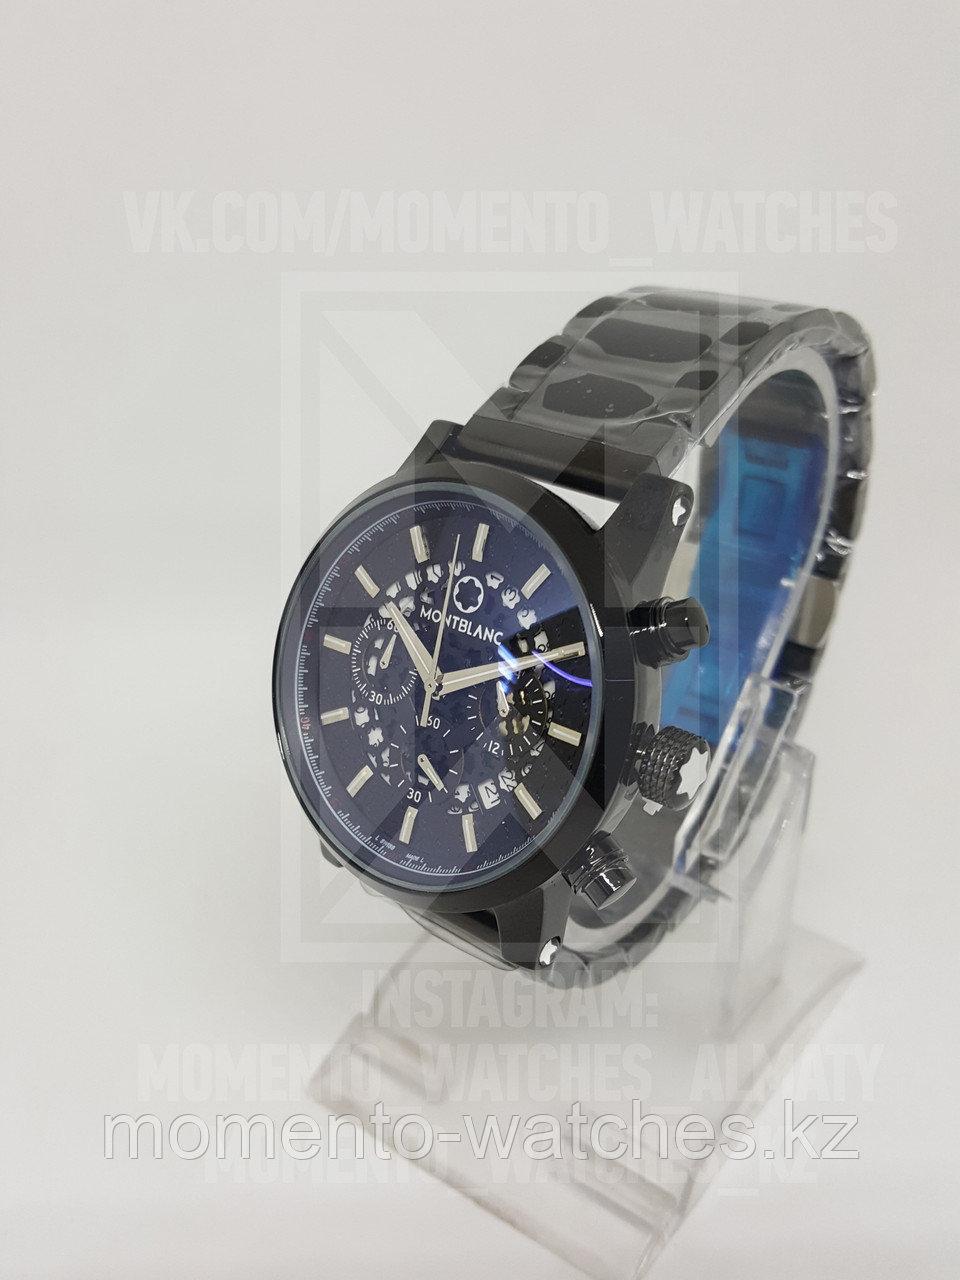 Мужские часы Montblanc Chronograph